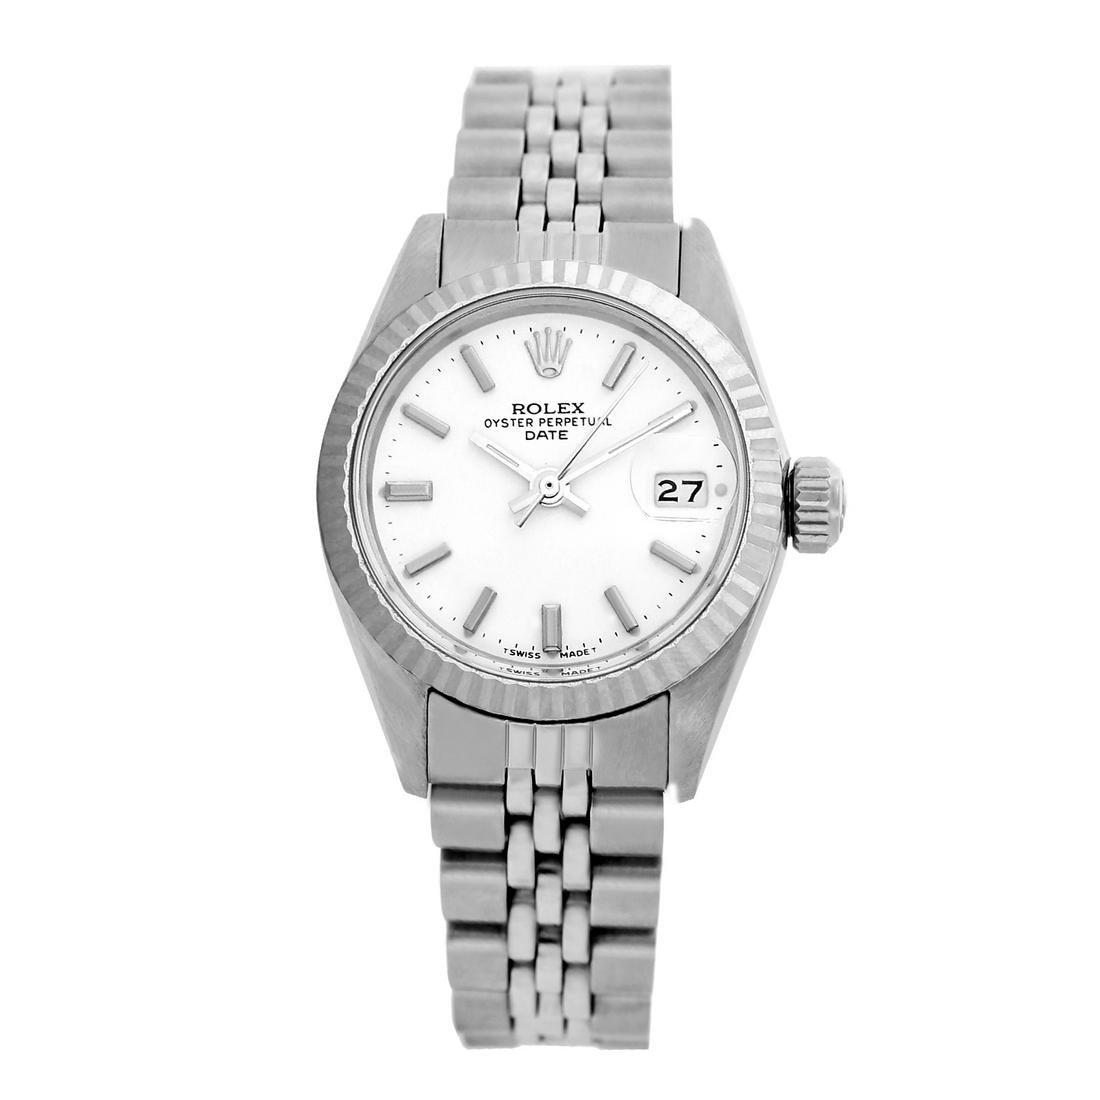 Rolex Pre-owned 26mm Womens Original Rolex White Dial